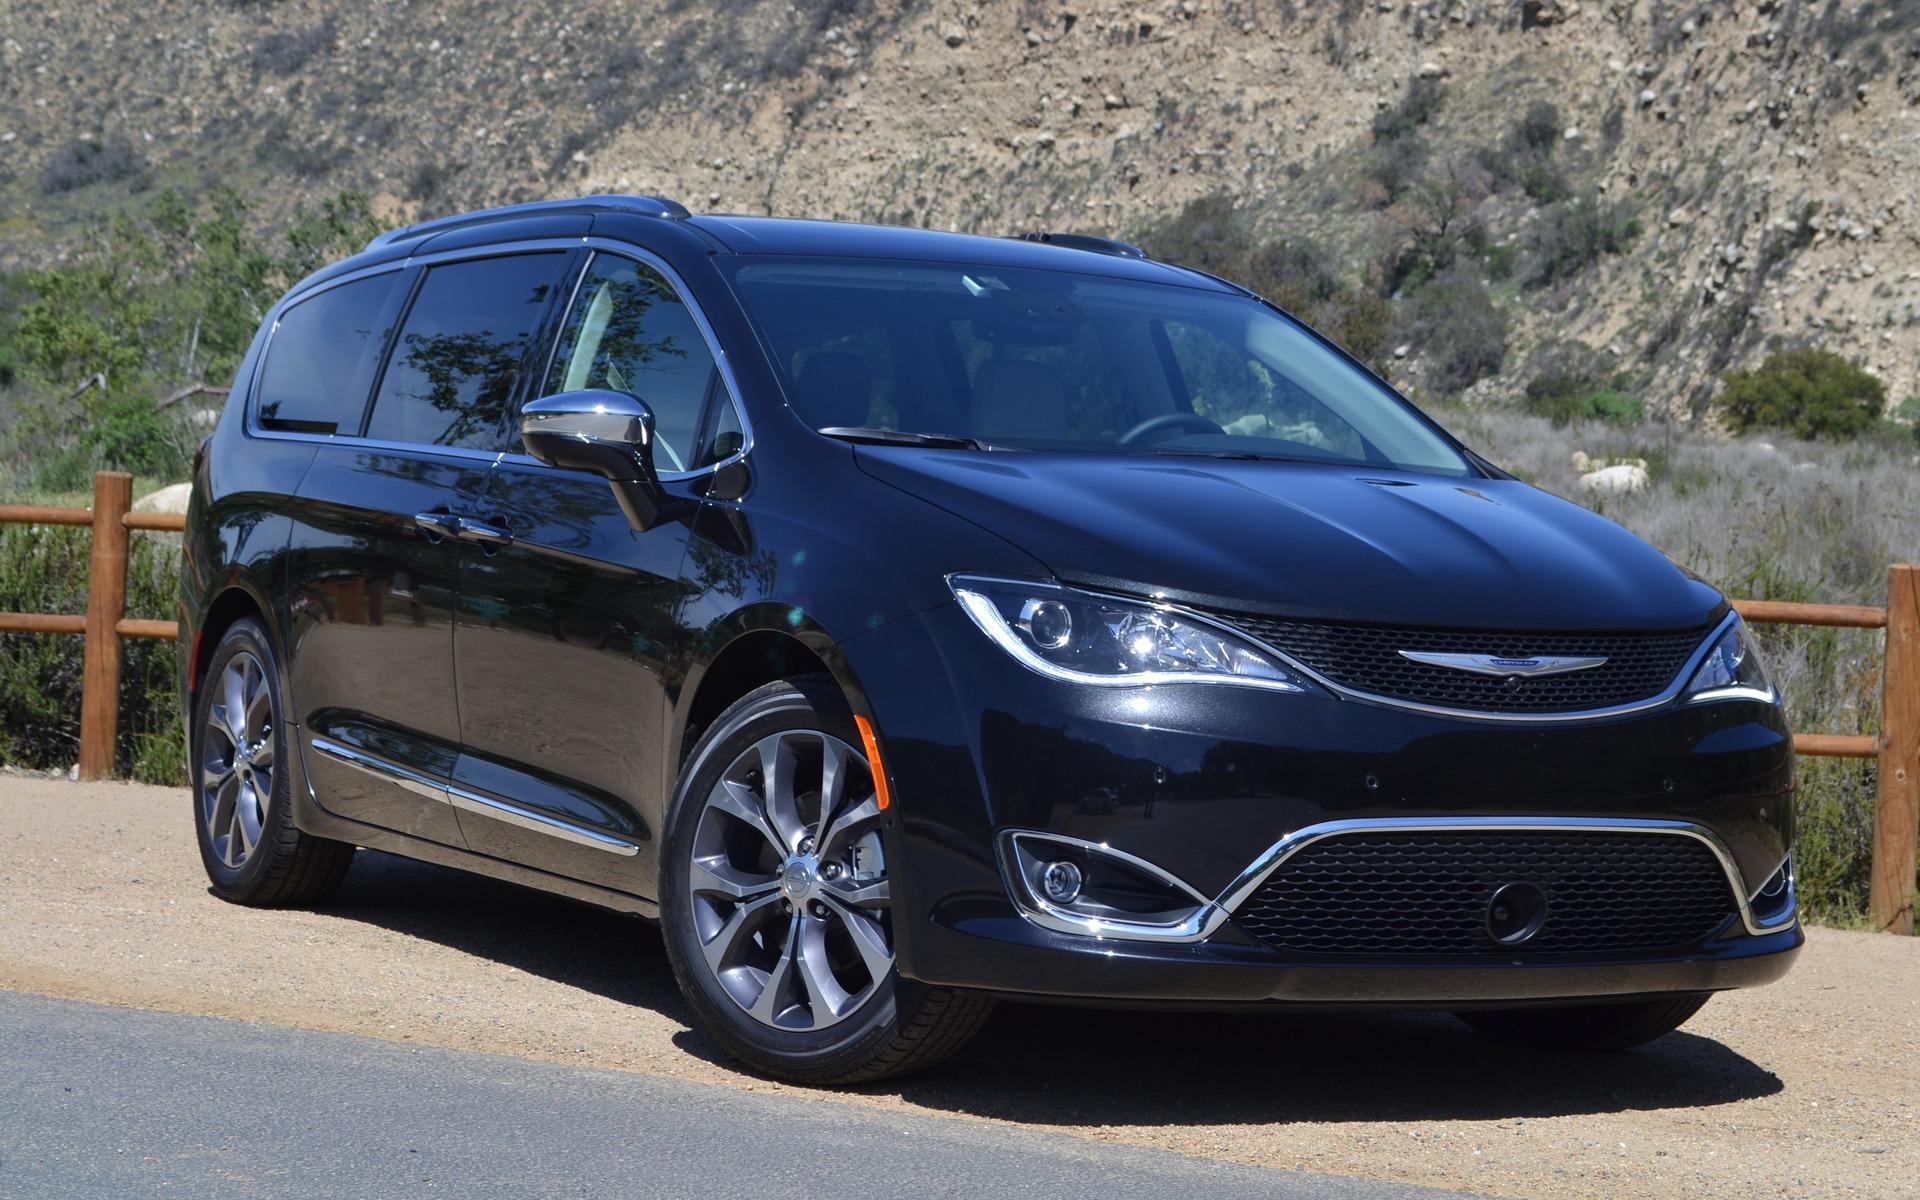 Notre essai routier de la Chrysler Pacifica 2017